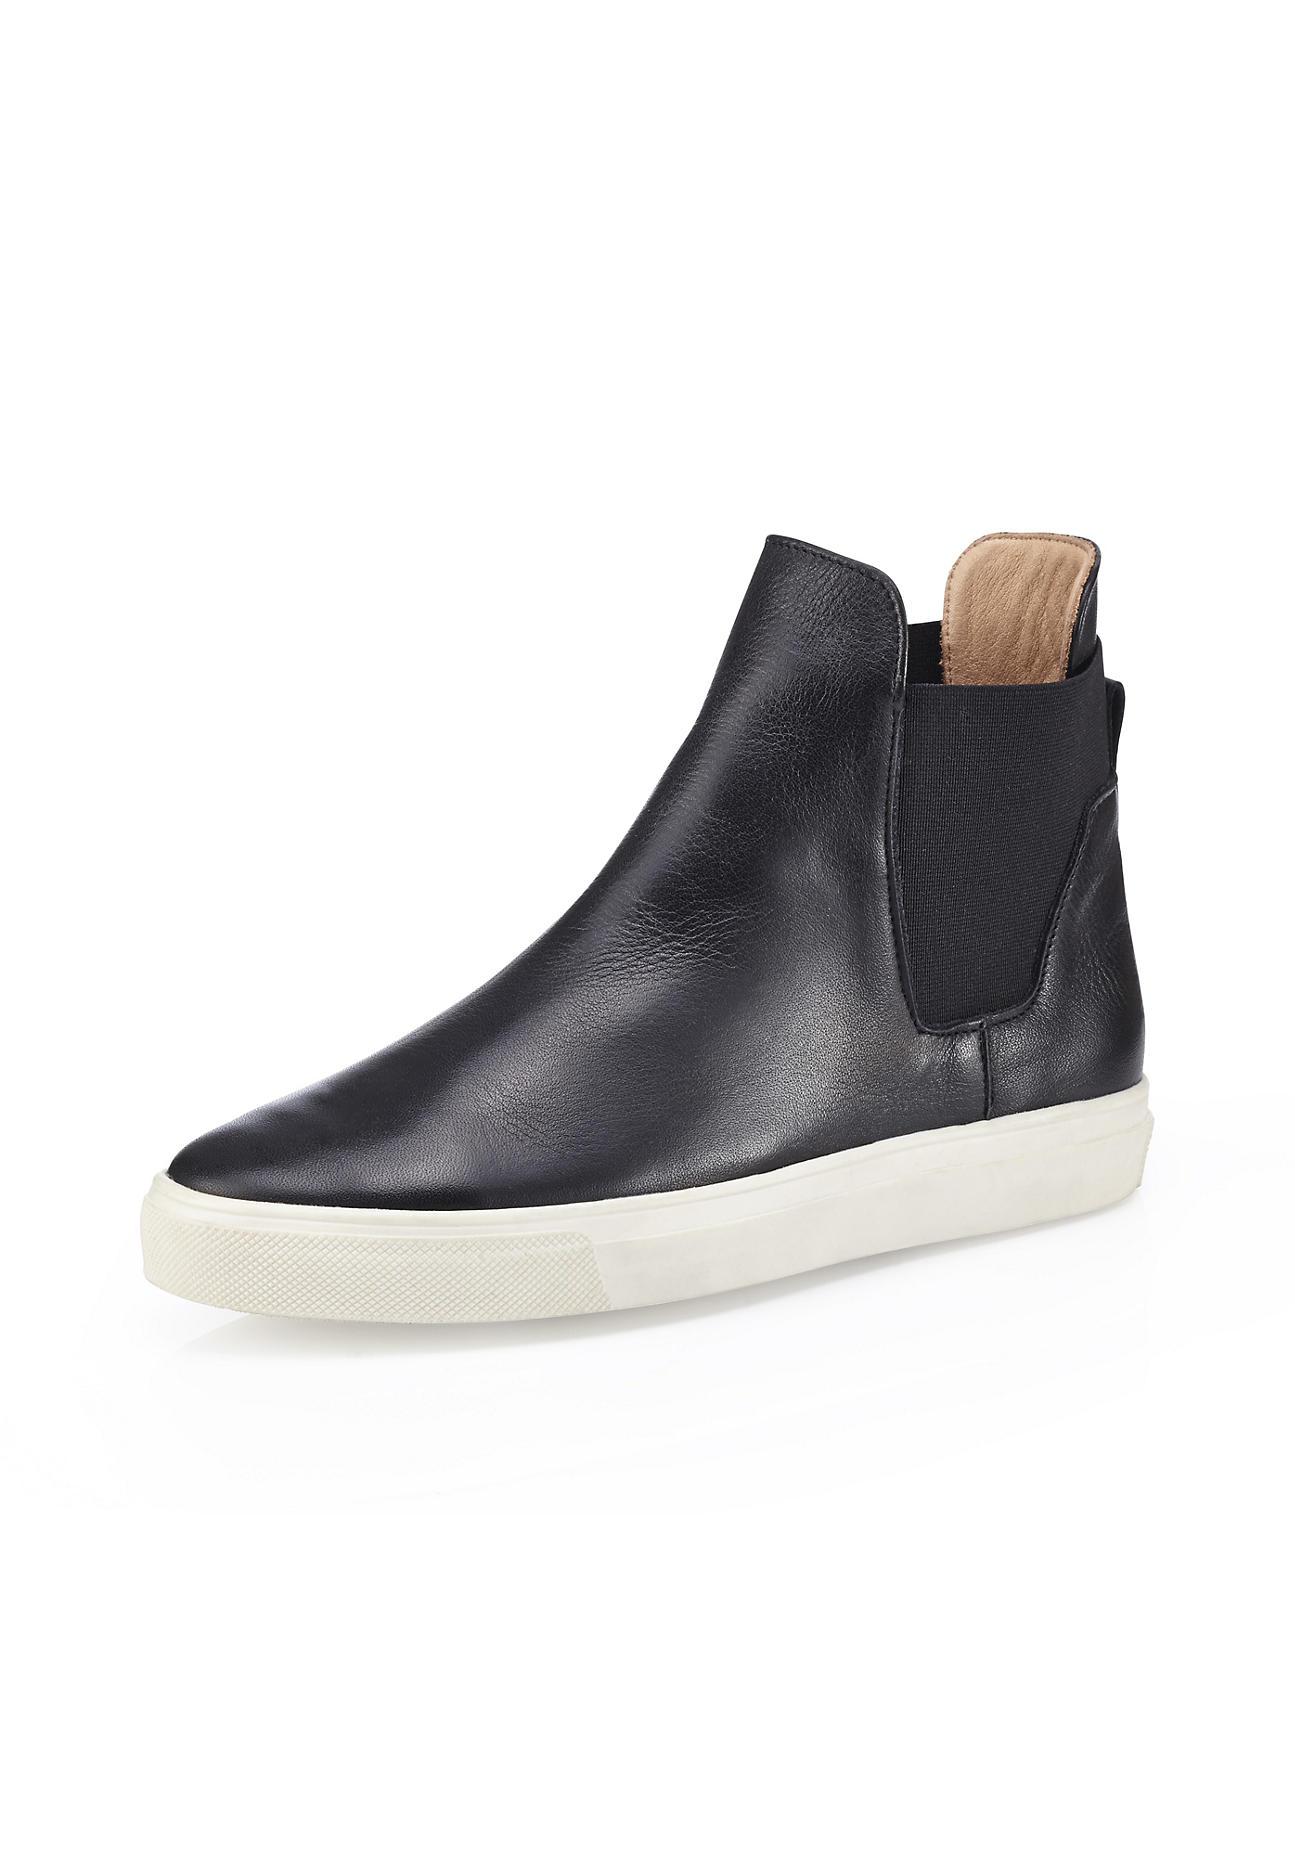 Stiefel für Frauen - hessnatur Damen Damen Chelsea Boots aus Leder – schwarz –  - Onlineshop Hessnatur